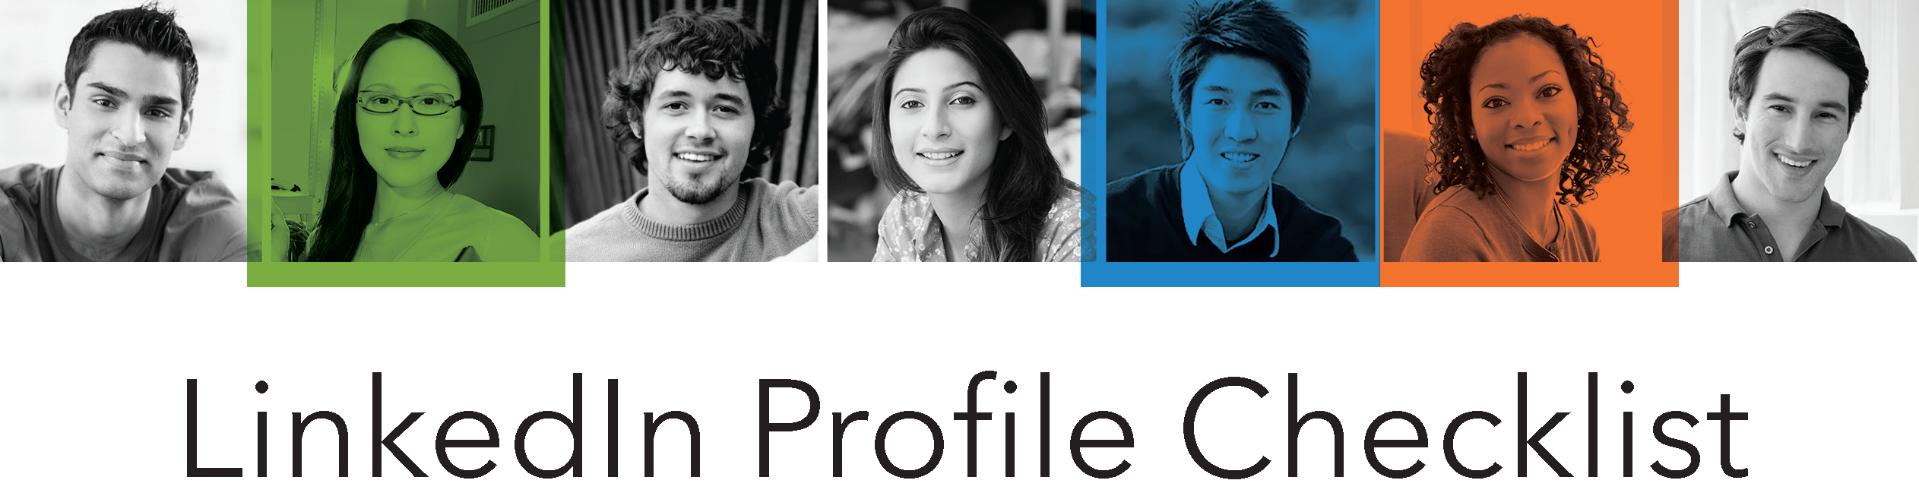 LinkedIn-Profile-Checklist-College-Students